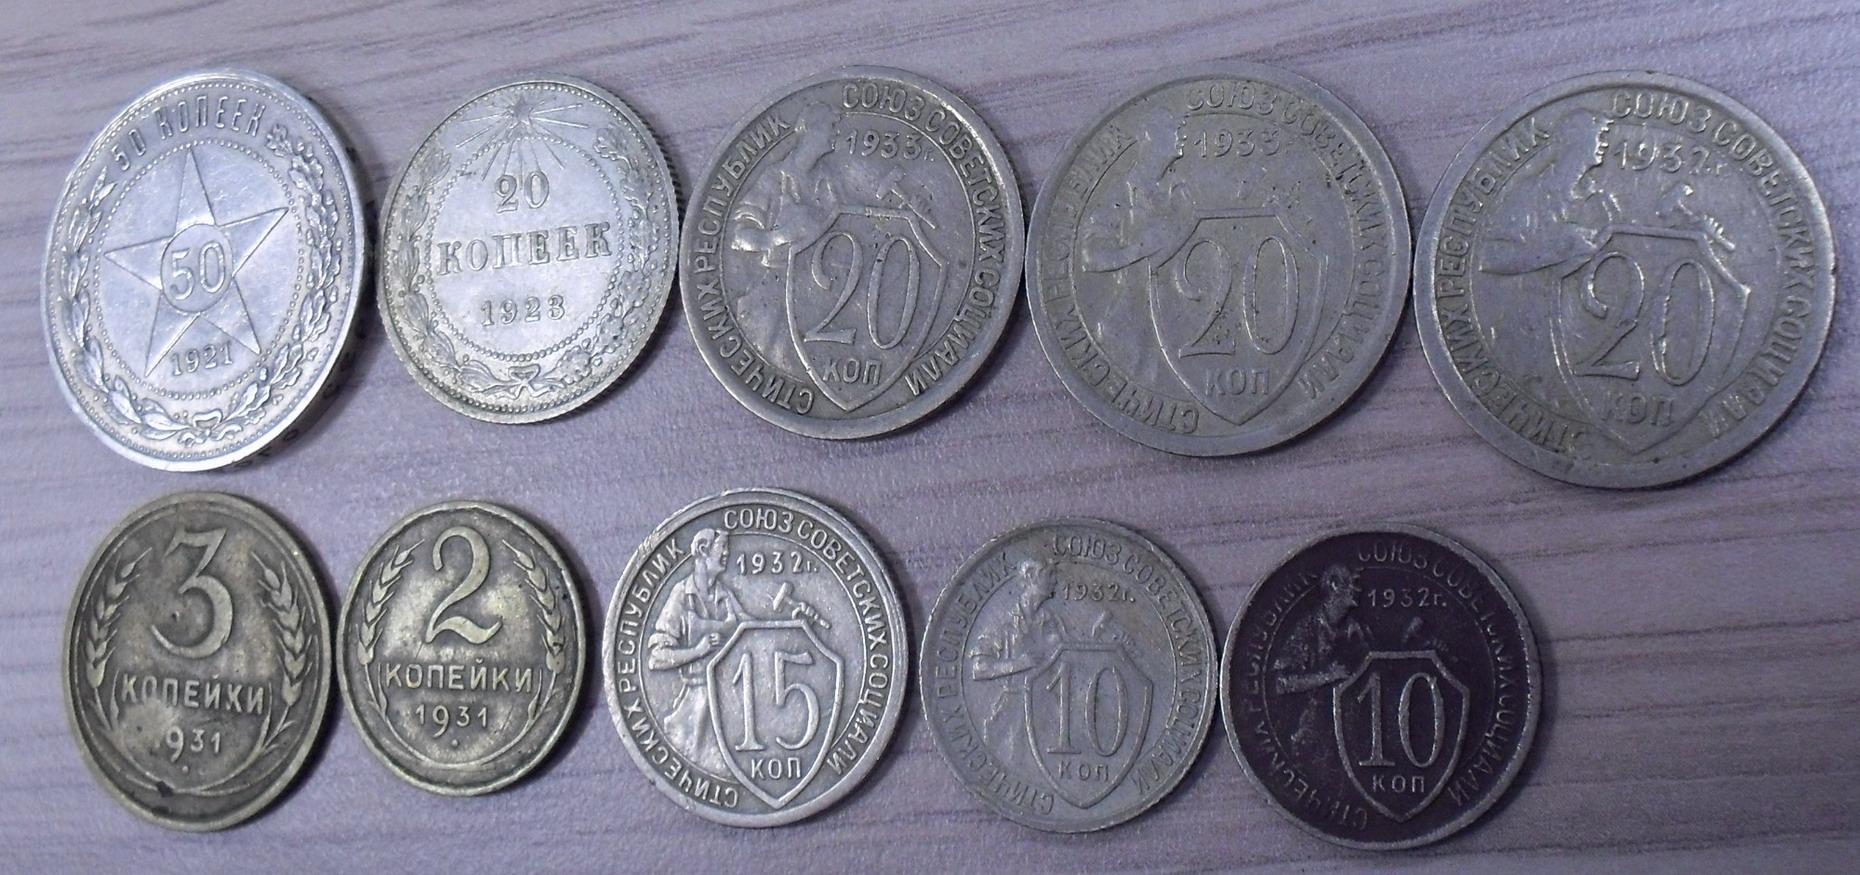 20 копеек 1931г серебро: